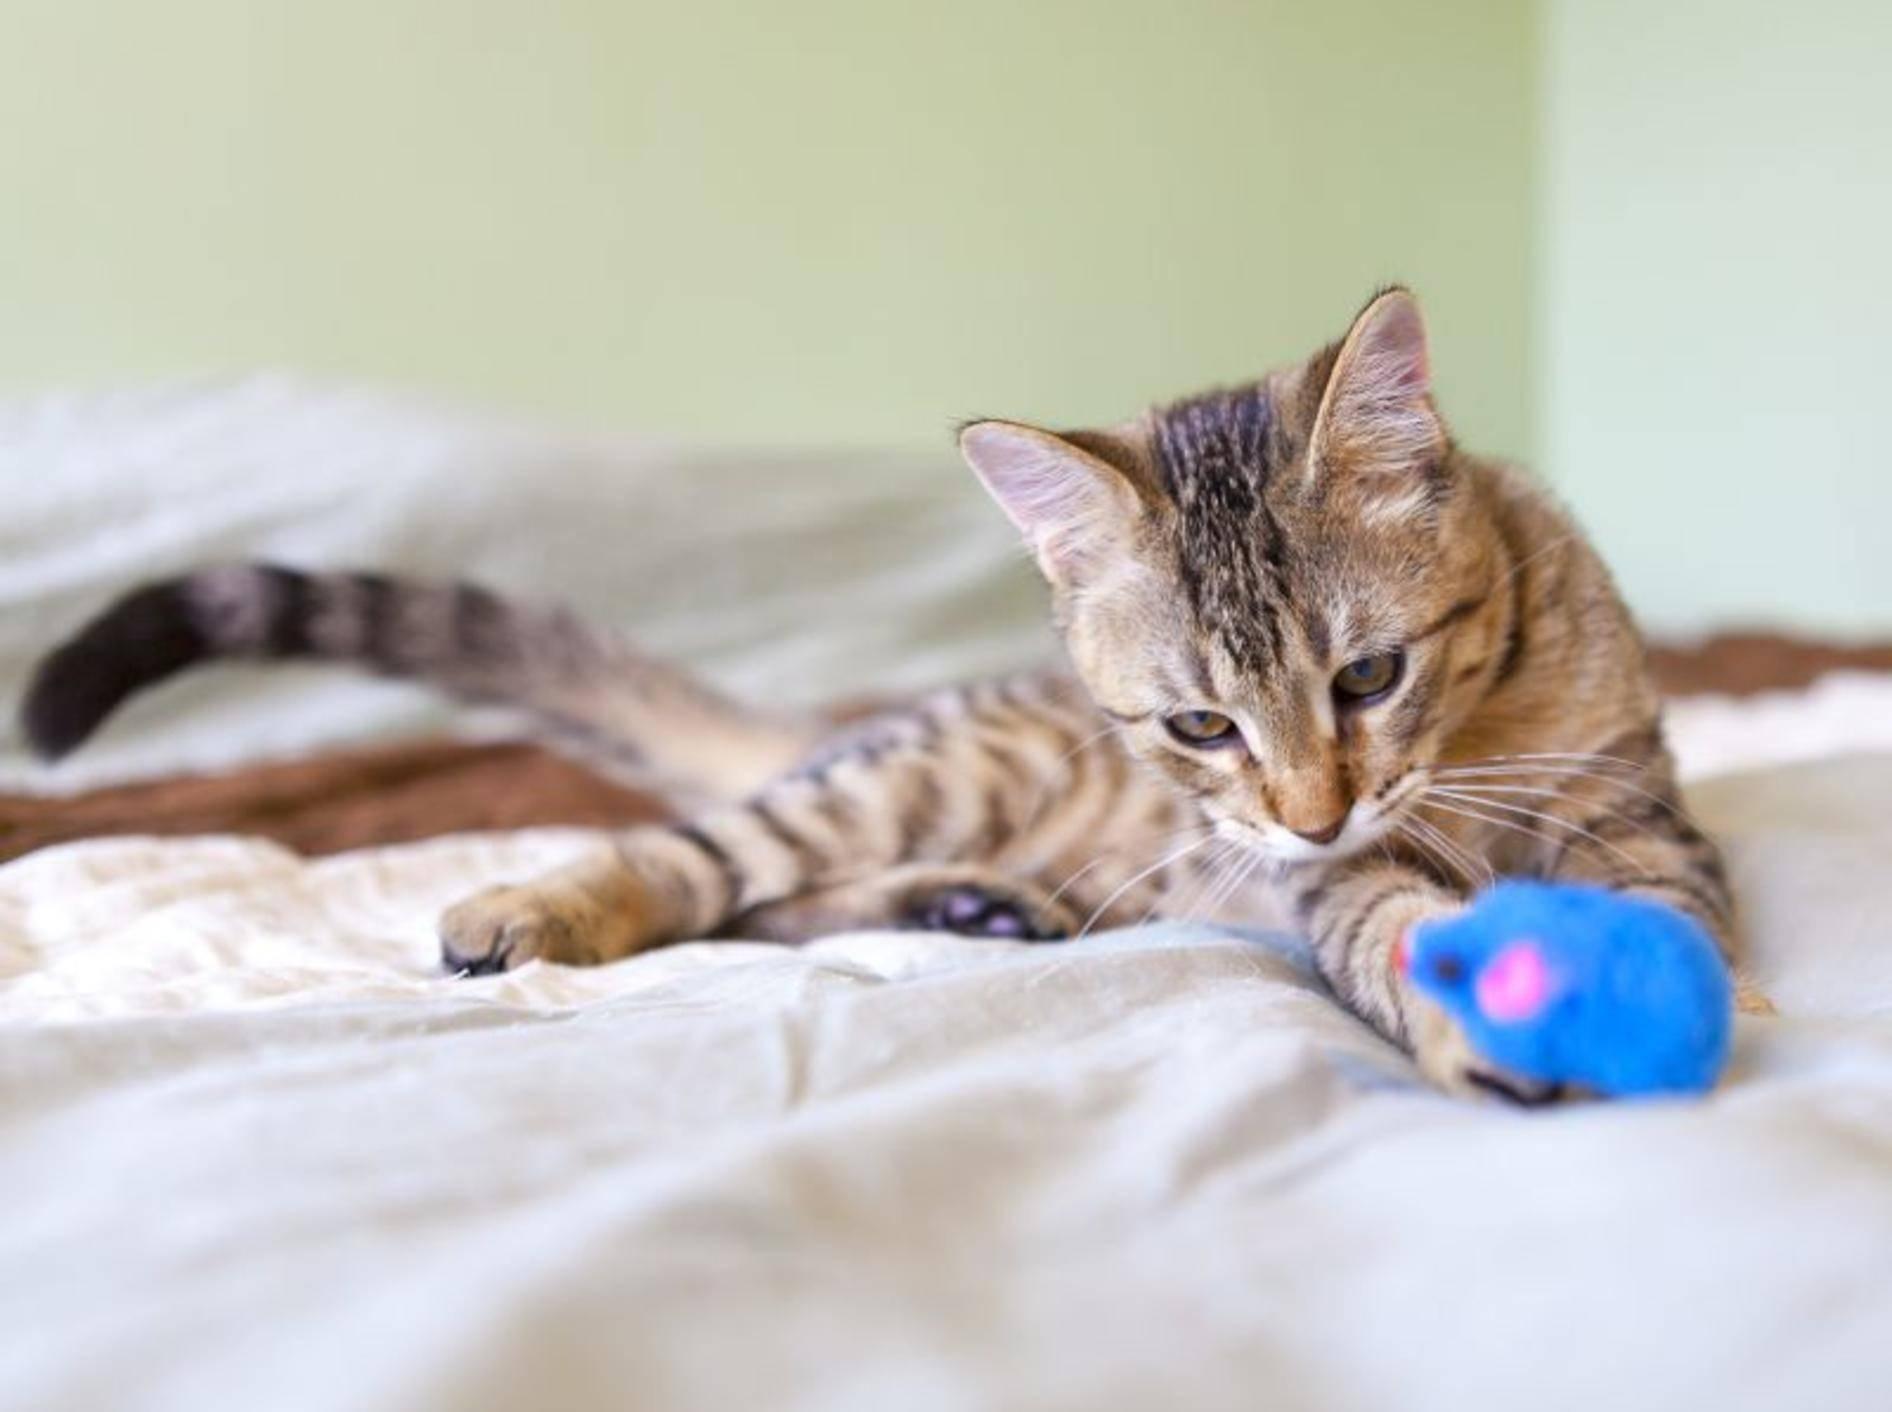 Das macht Spaß: Katze mit Catnip-Maus — Bild: Shutterstock / MaxyM